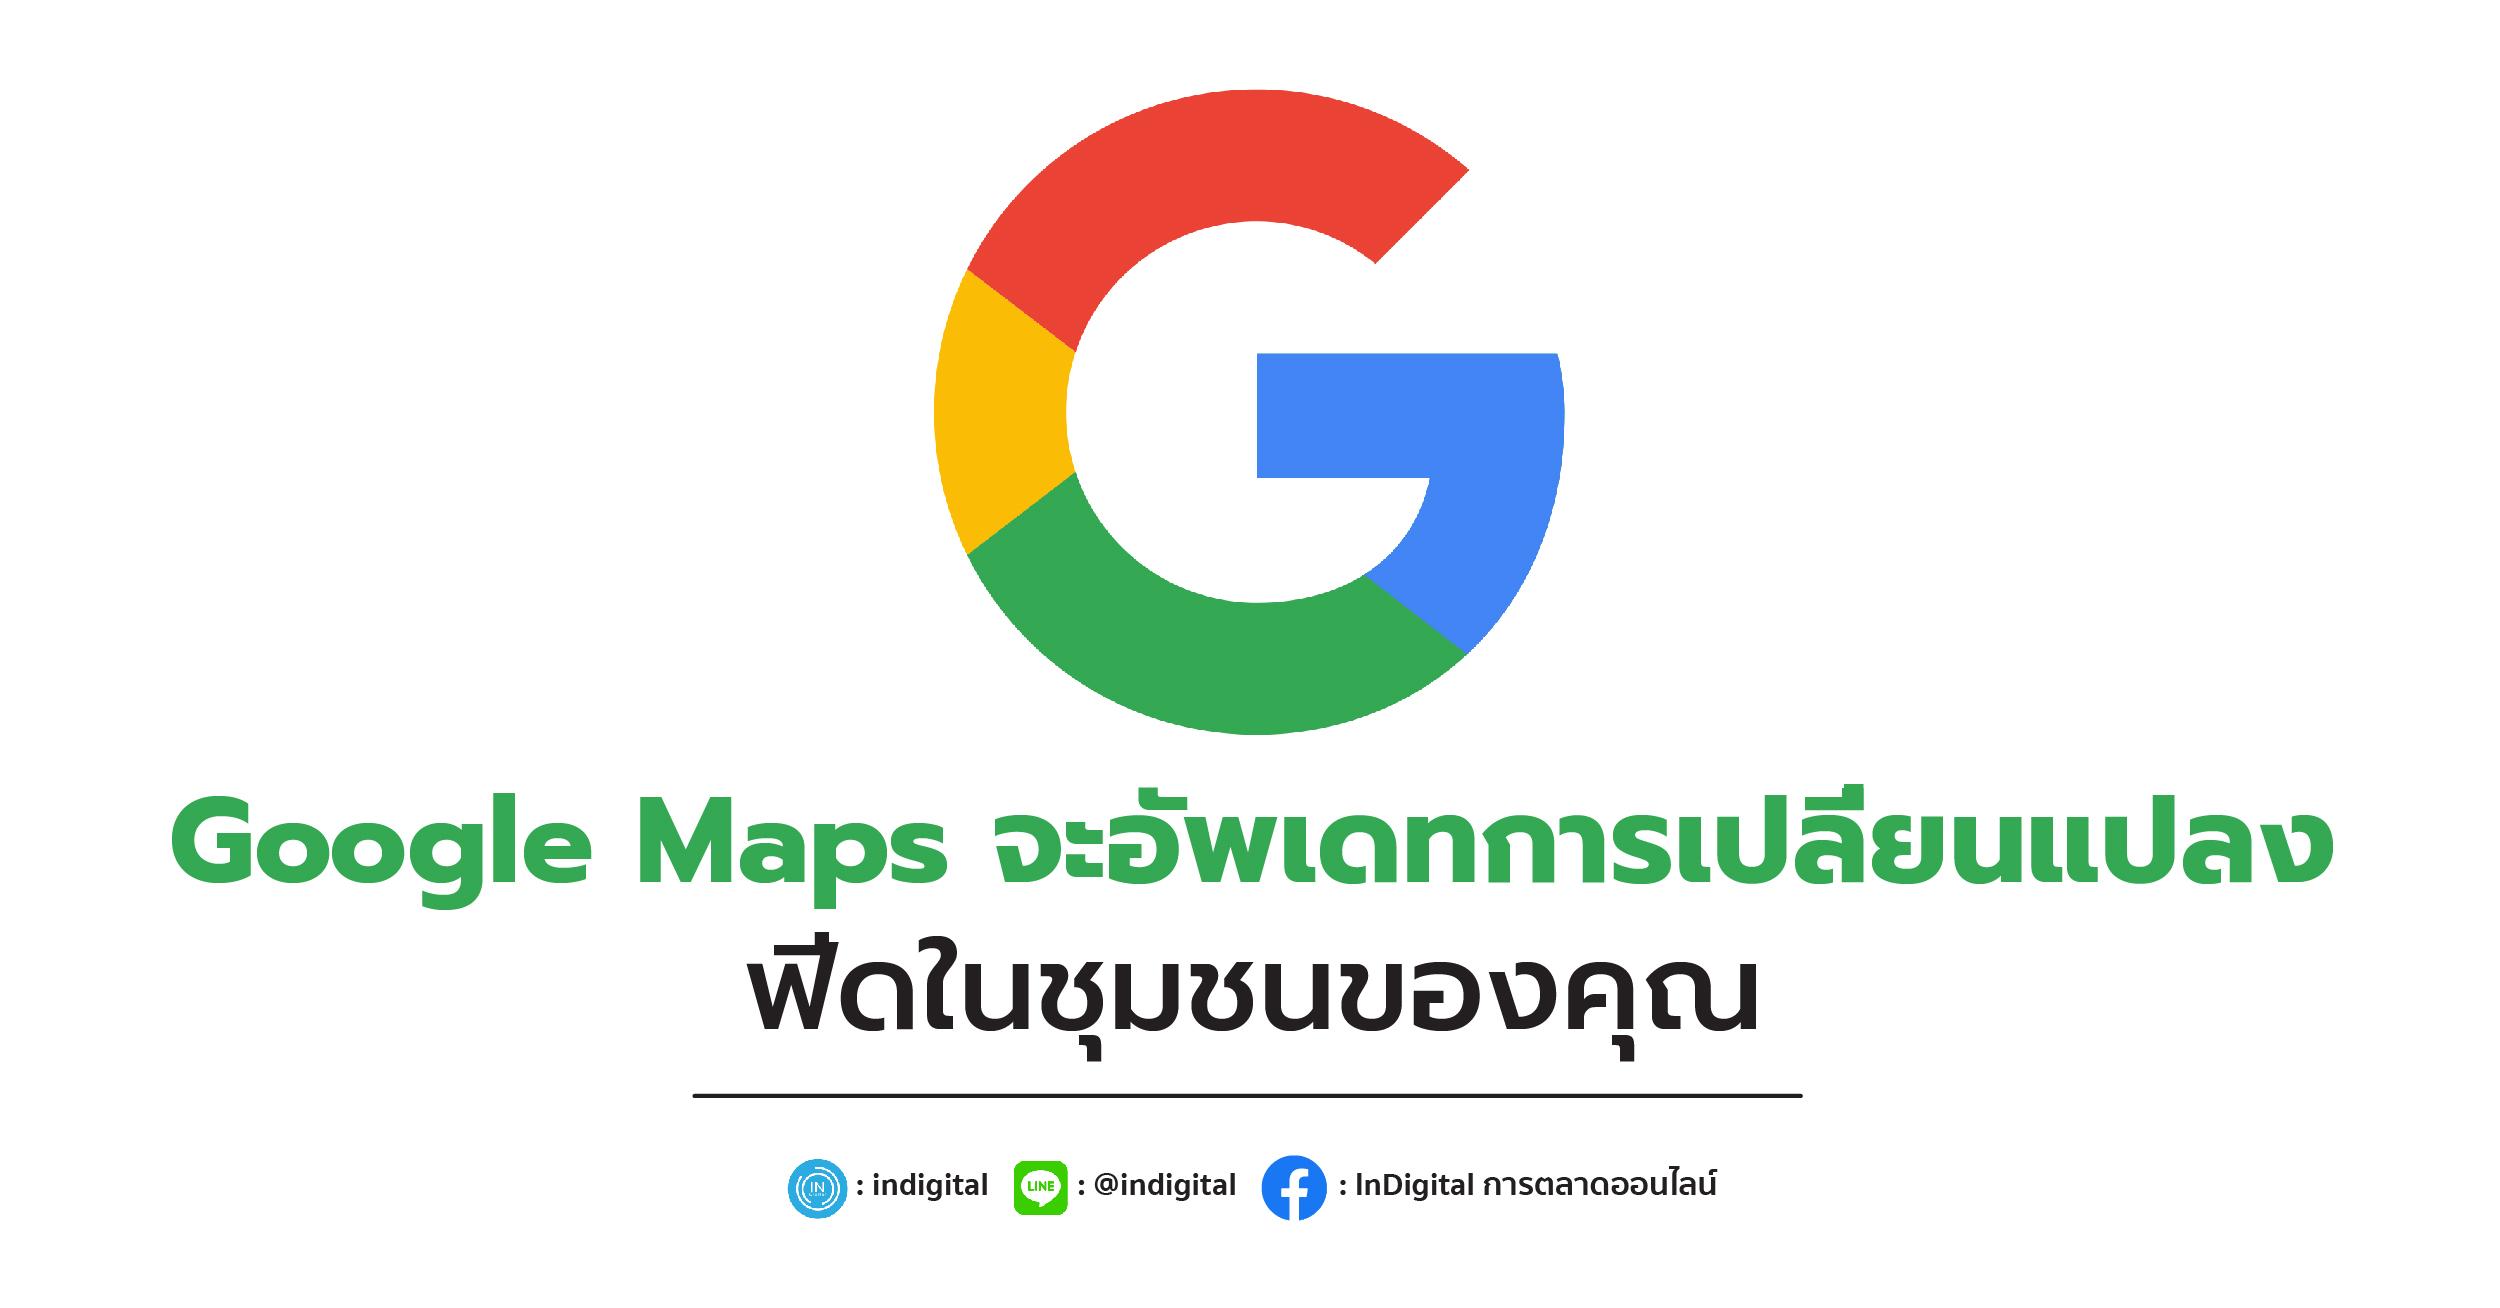 Google Maps จะอัพเดทการเปลี่ยนแปลงฟีดในชุมชนของคุณ